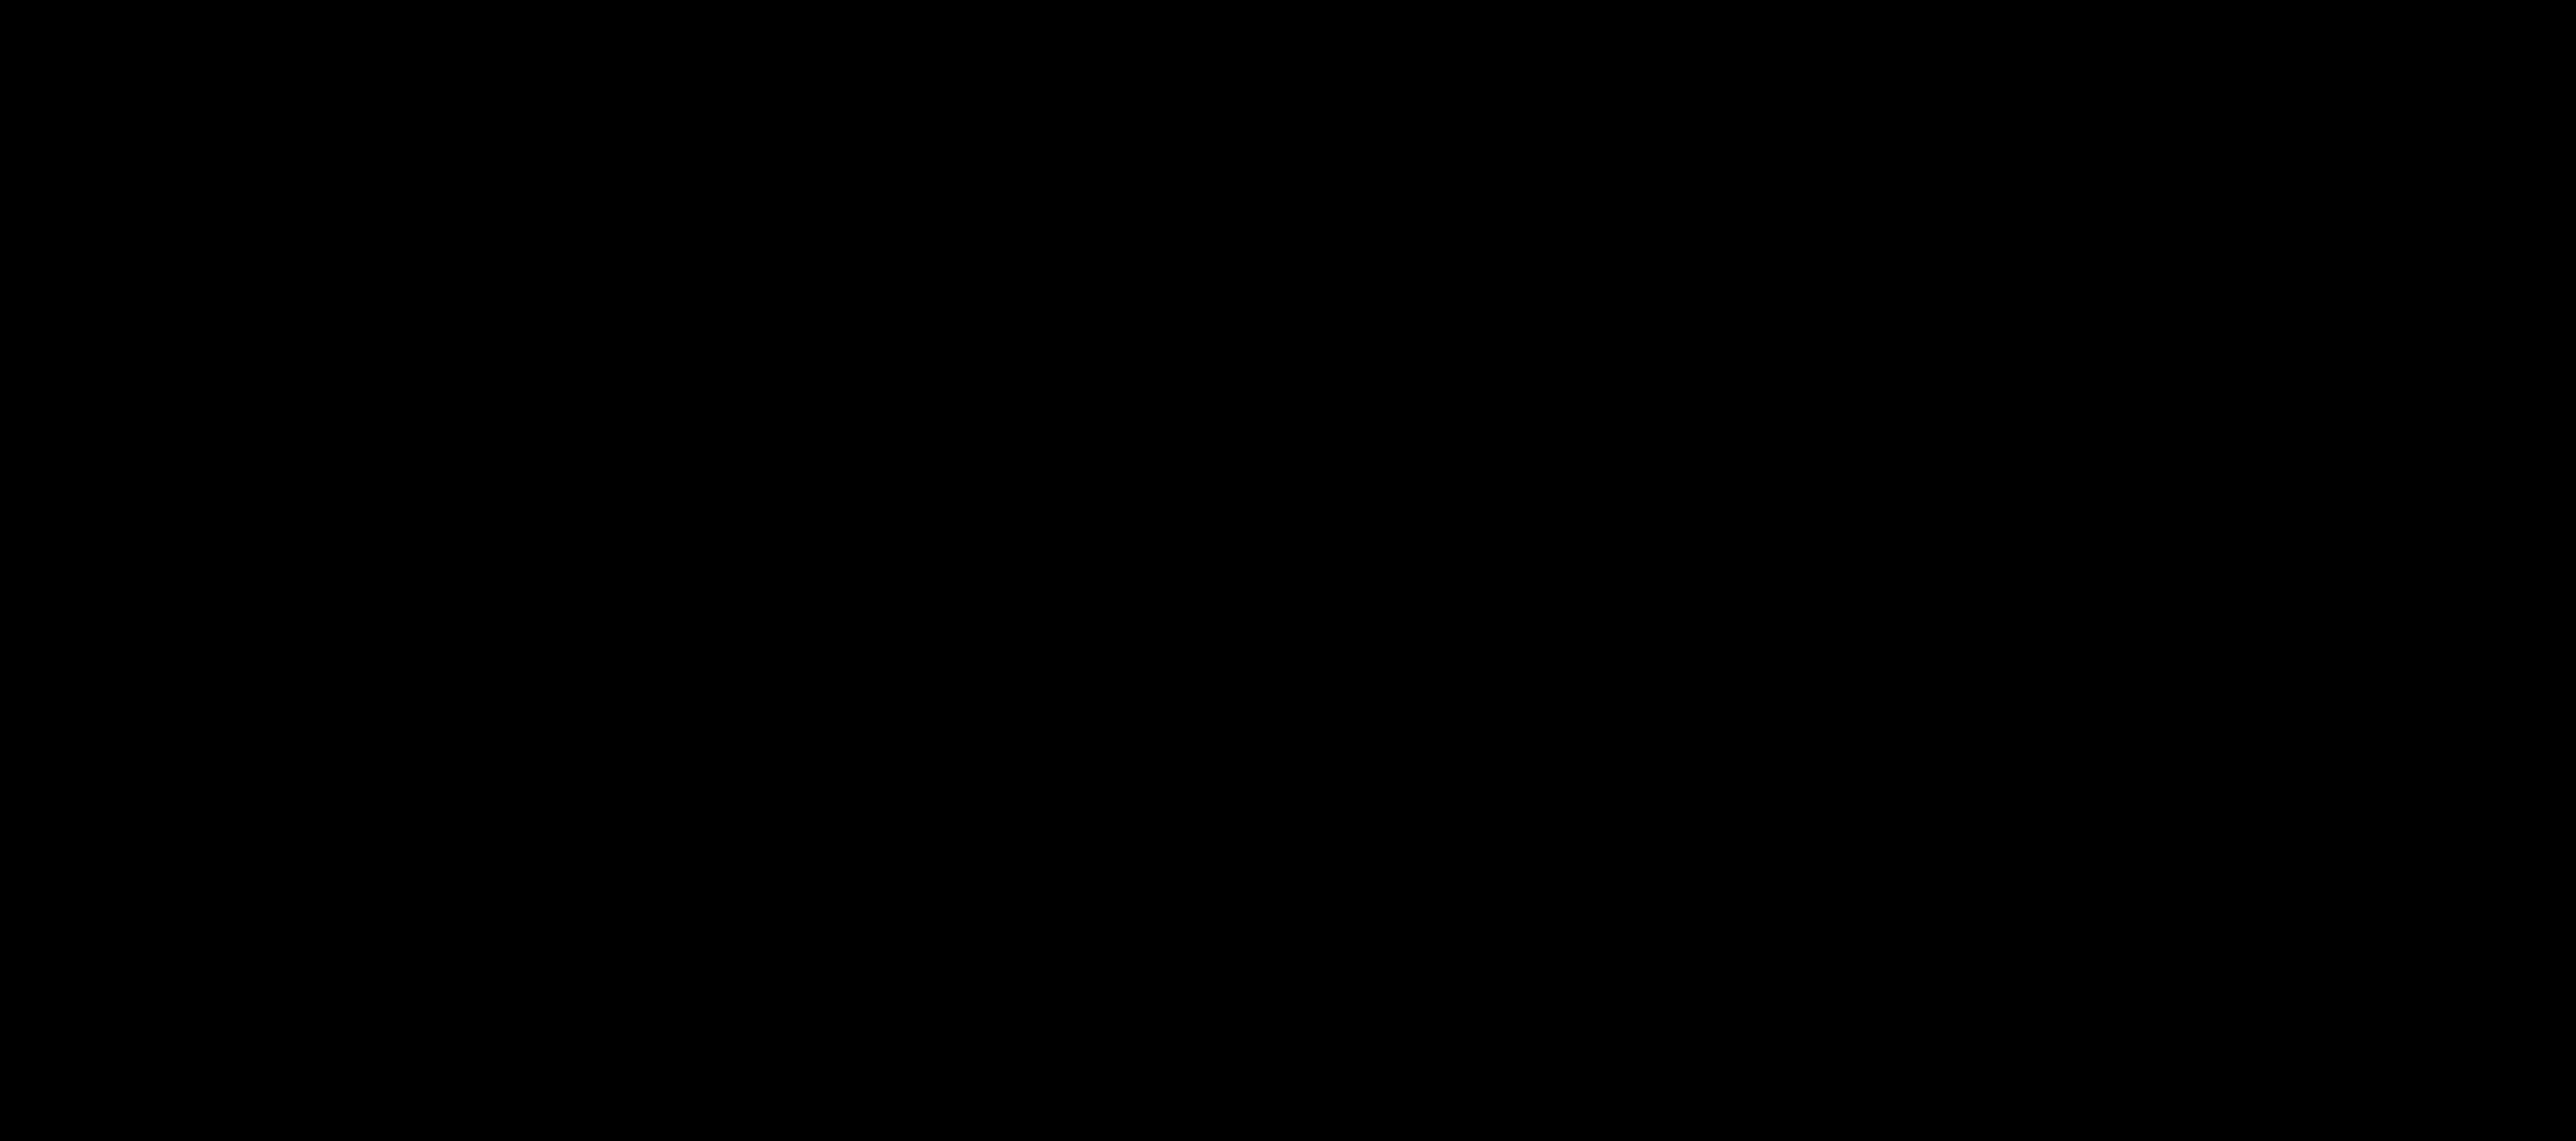 kipling logo 8 - Kipling Logo